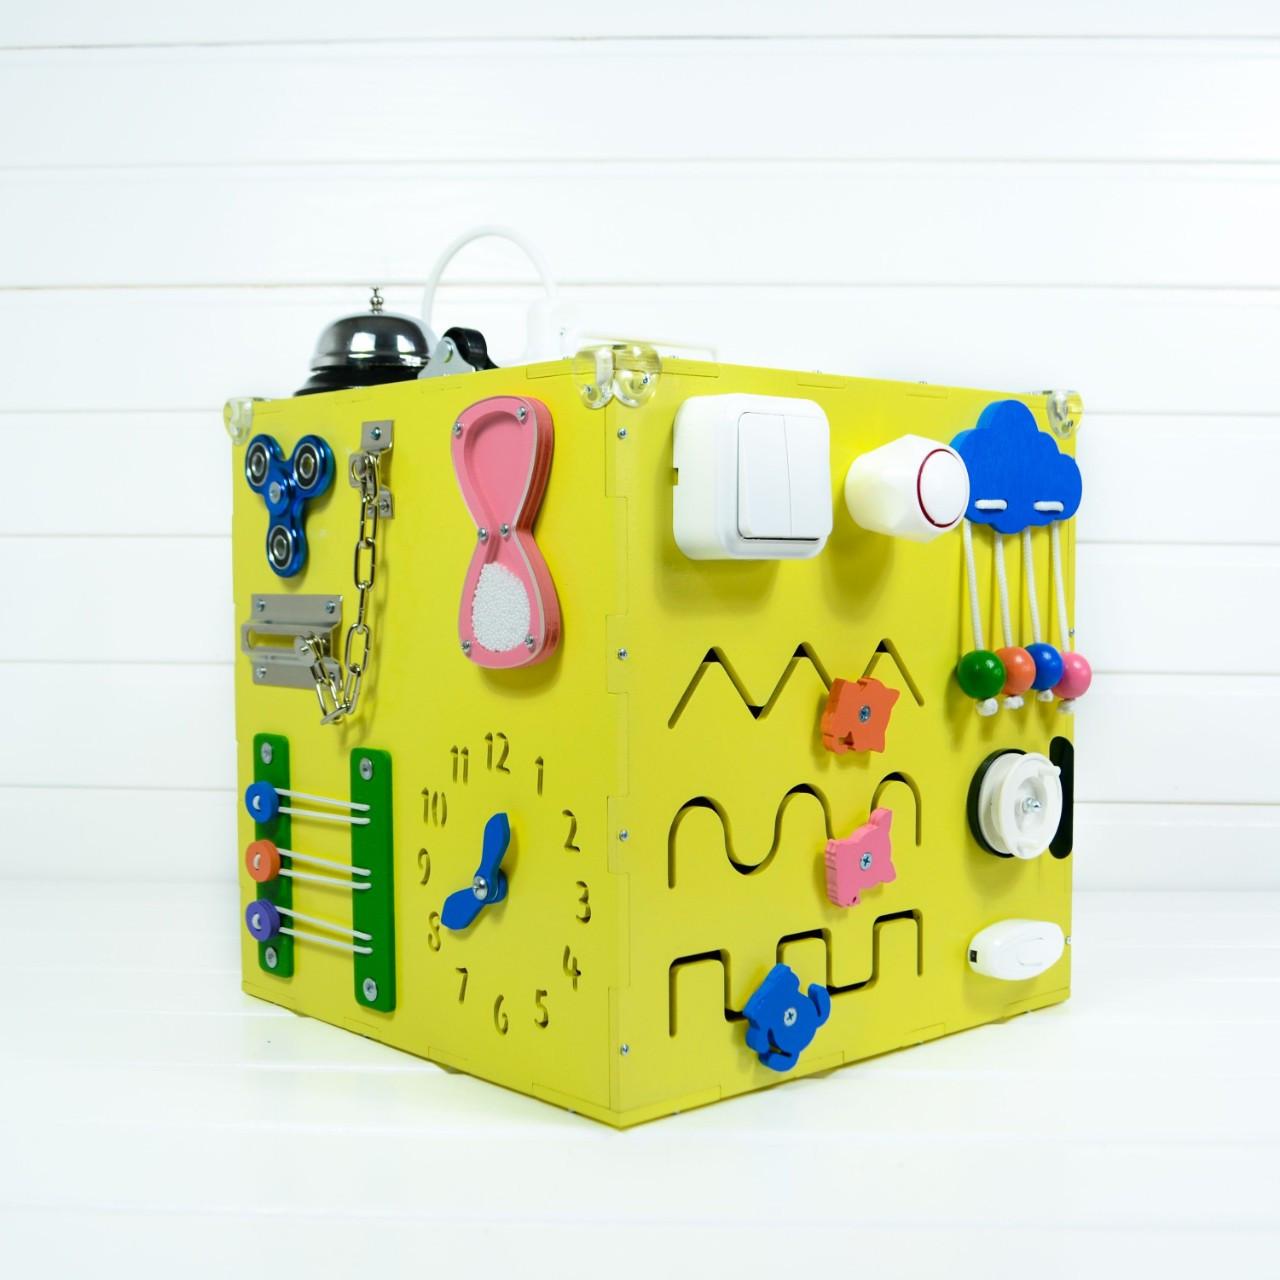 Развивающая игрушка бизикуб Busy Cube Tornado Желтая